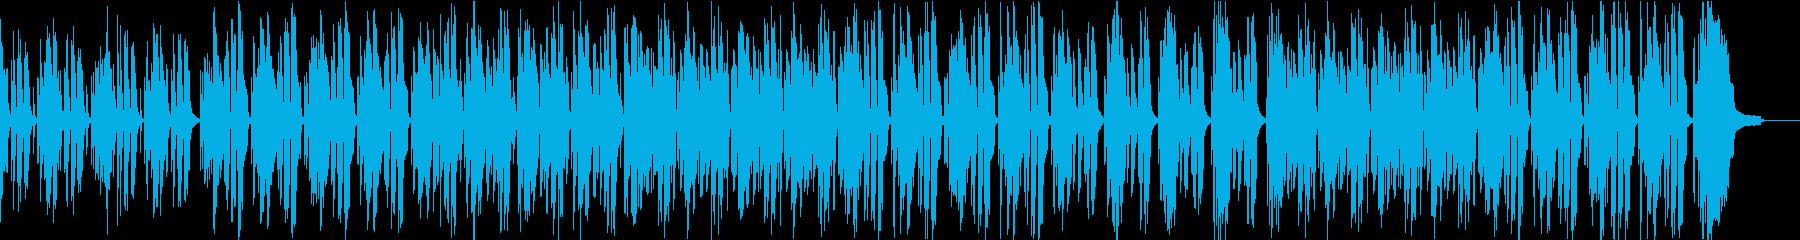 子供向け リコーダーのほのぼのとした曲の再生済みの波形